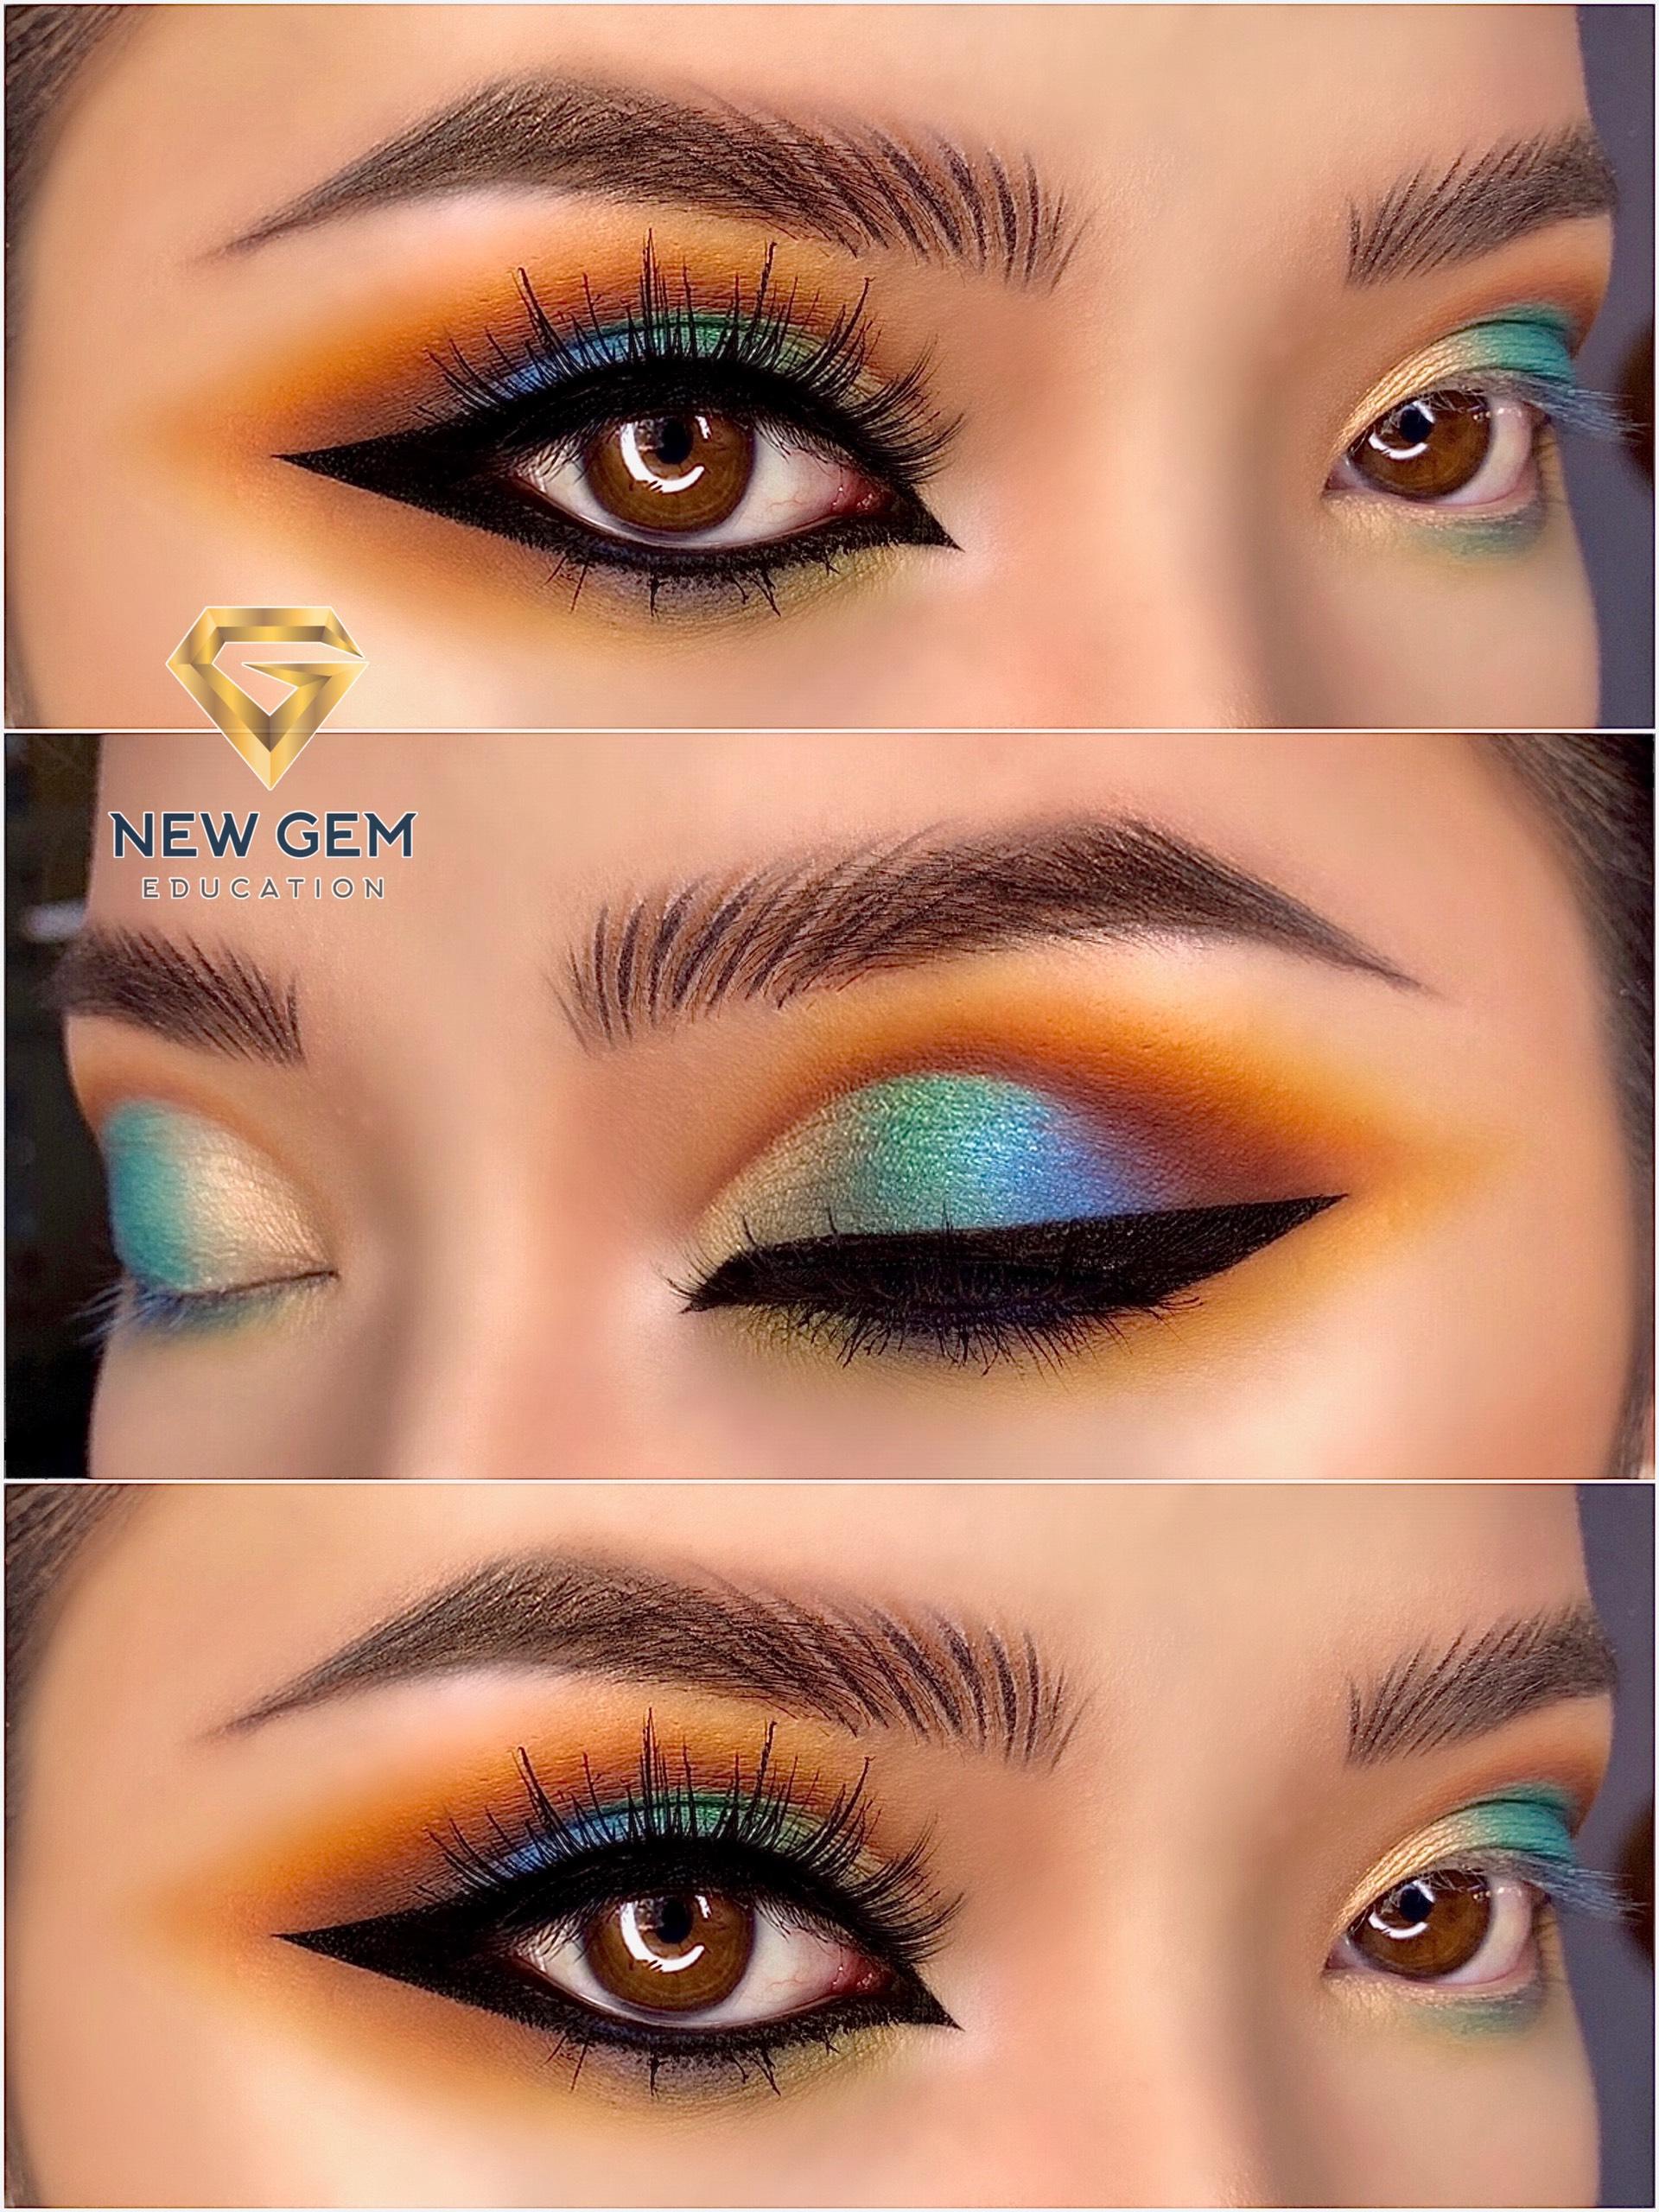 Khóa Học Make Up Chuyên Nghiệp - Học xong đi làm được ngay 9